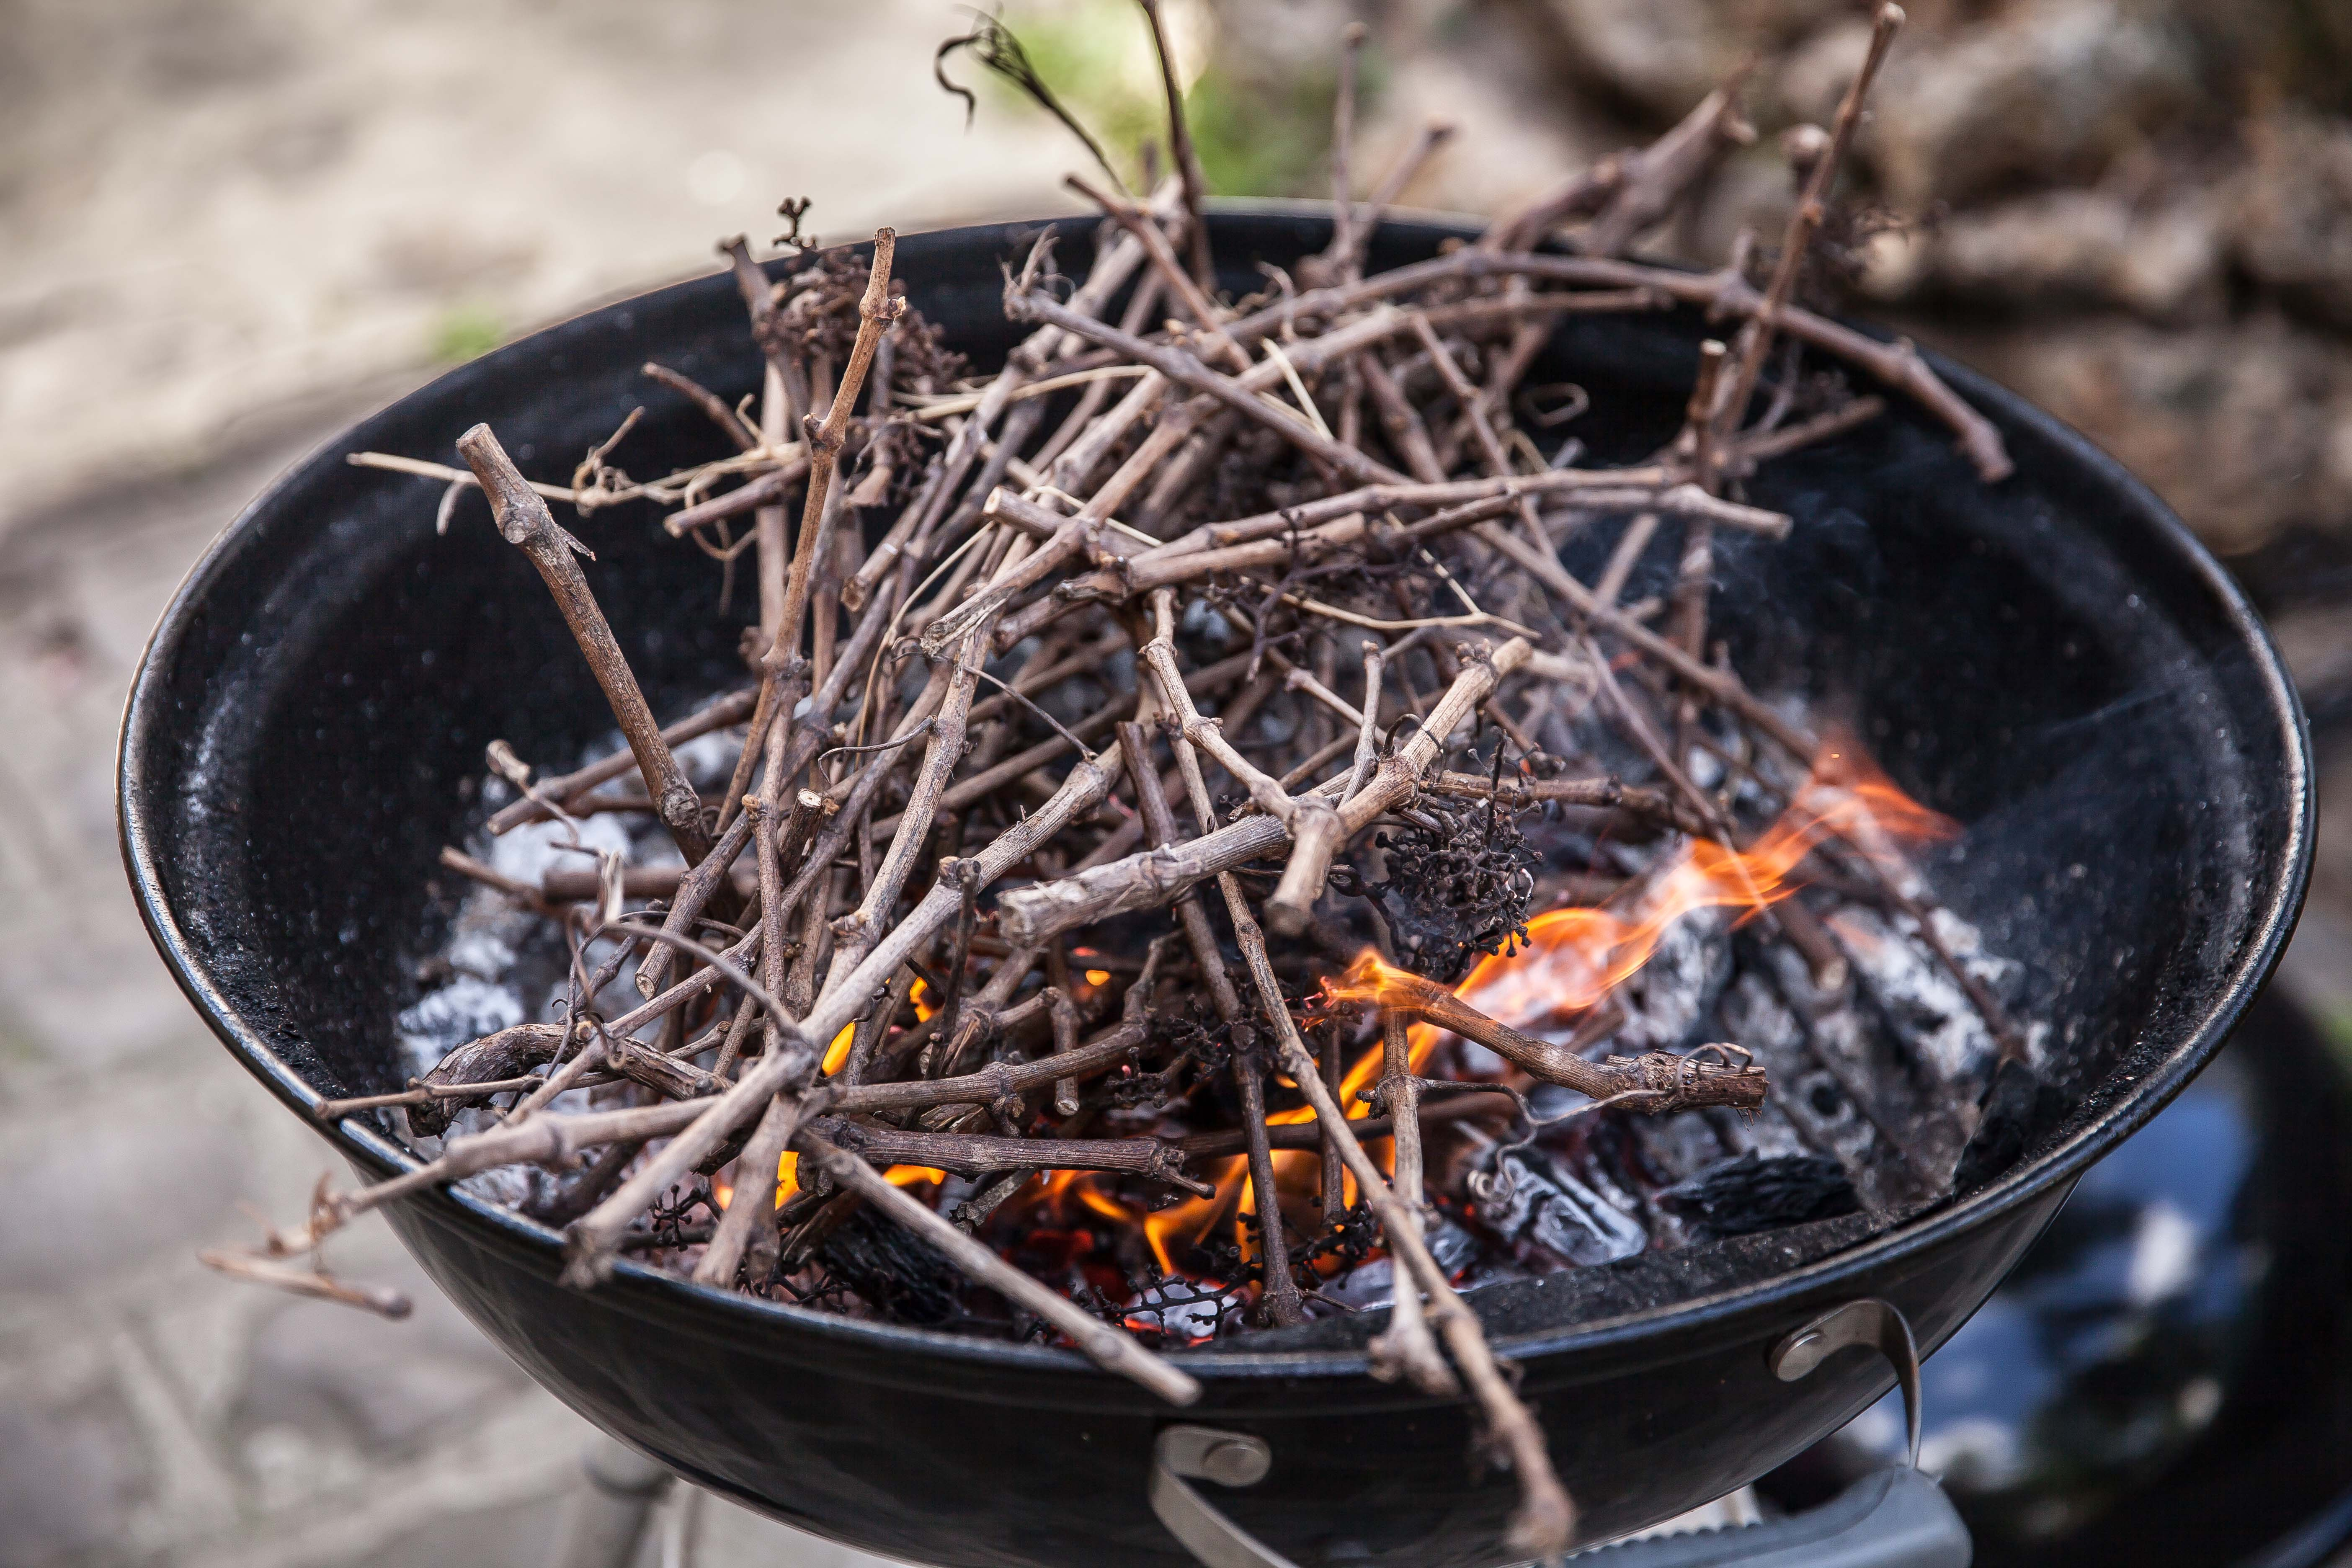 Préparer Un Barbecue Pour 20 Personnes le barbecue: toutes les astuces pour un bbq réussi !